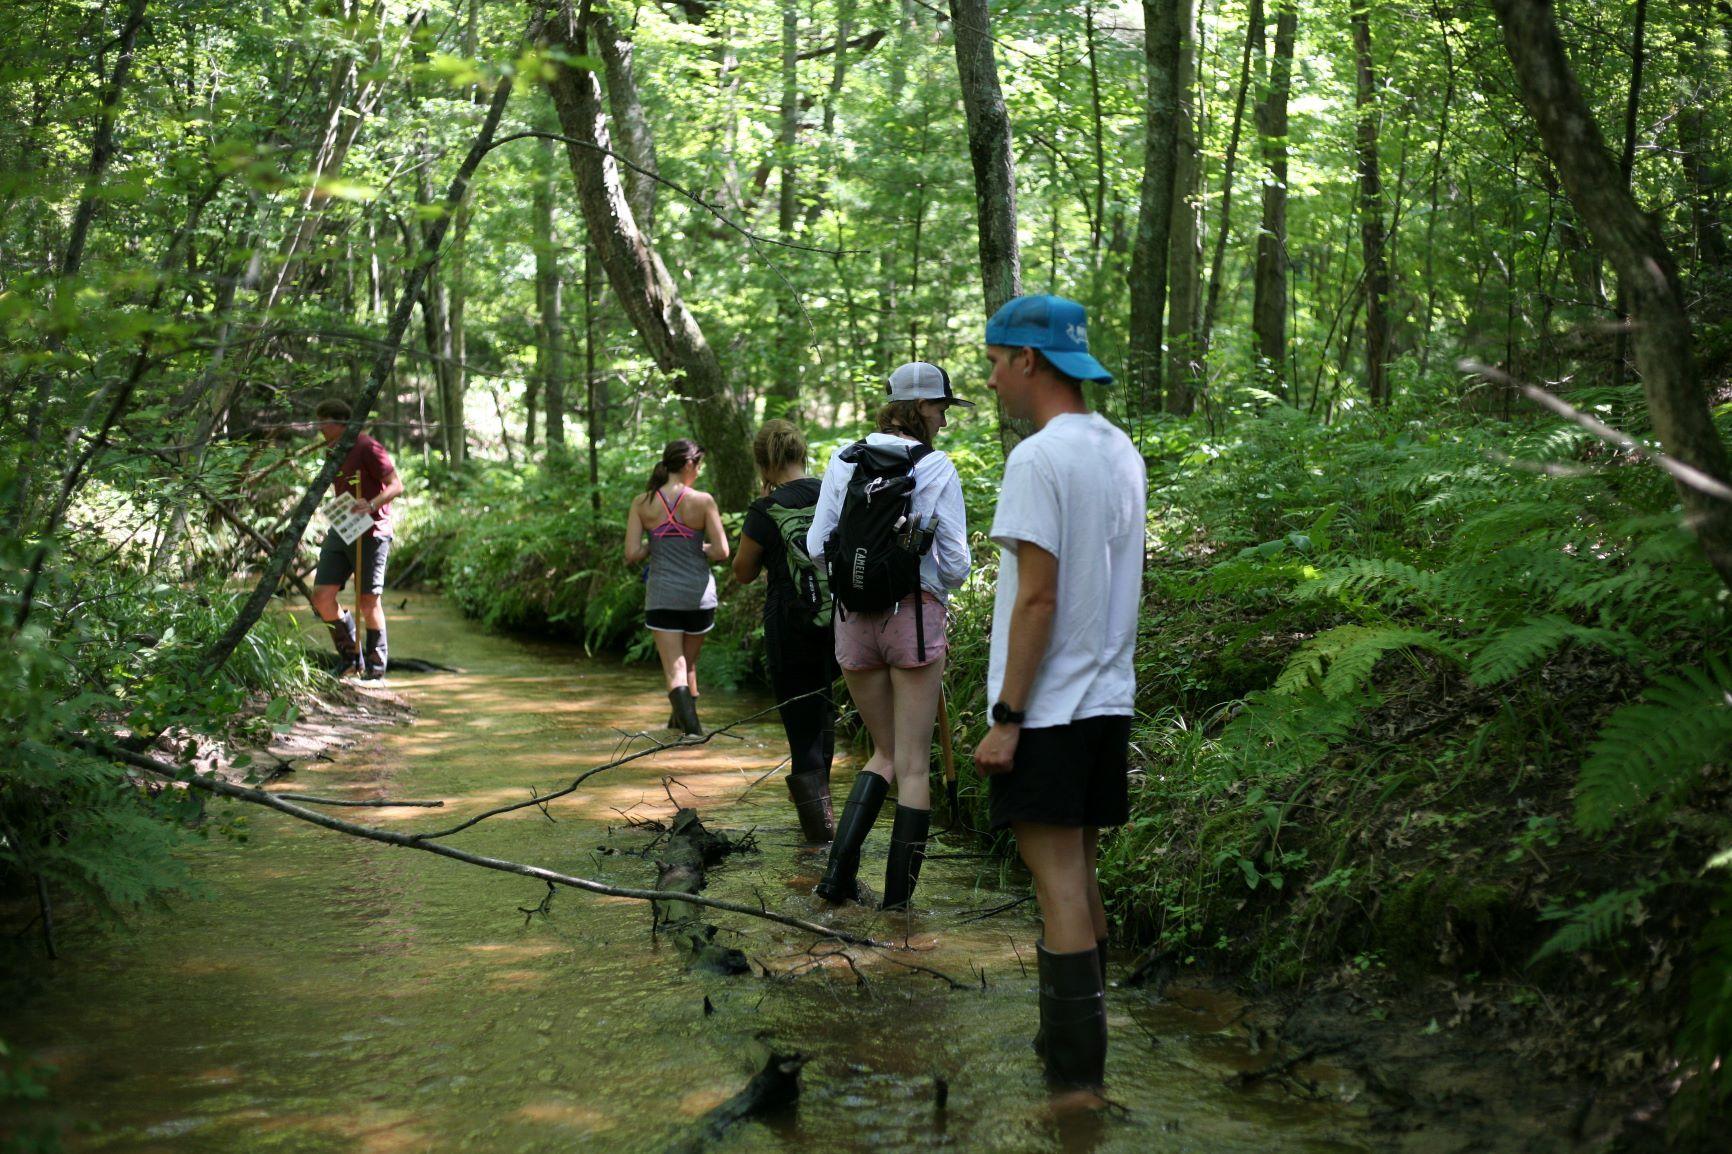 Over 150 new populations of aquatic invasive species found in Wisconsin